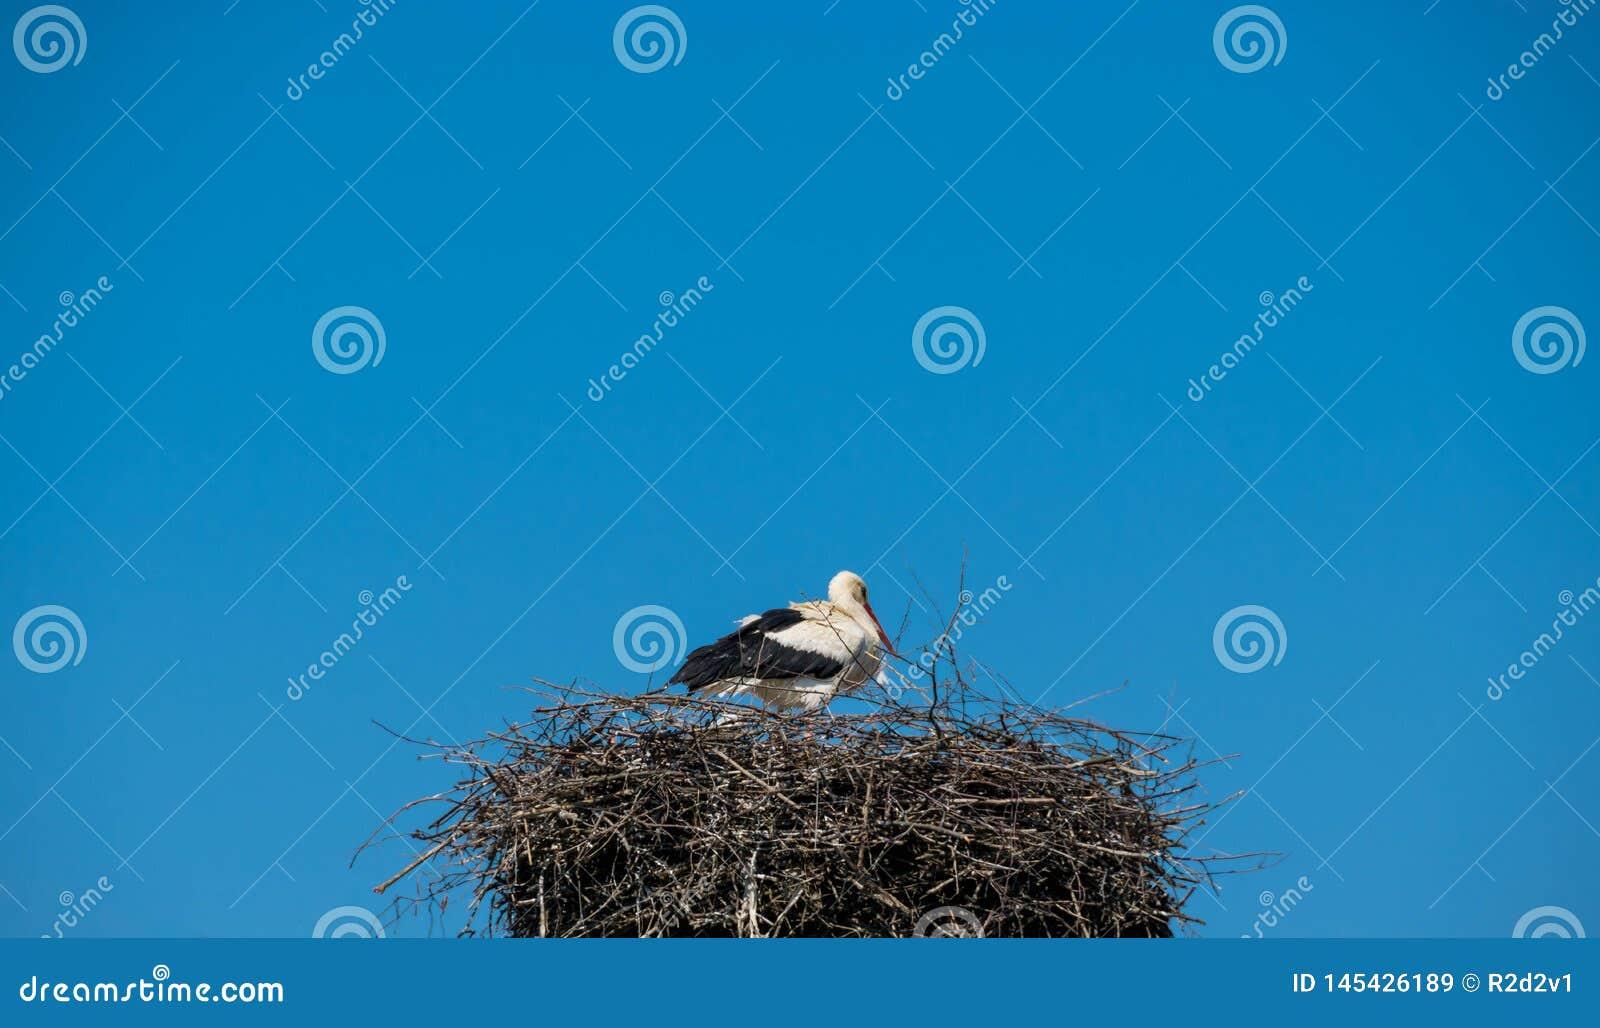 Stork sitting in the nest